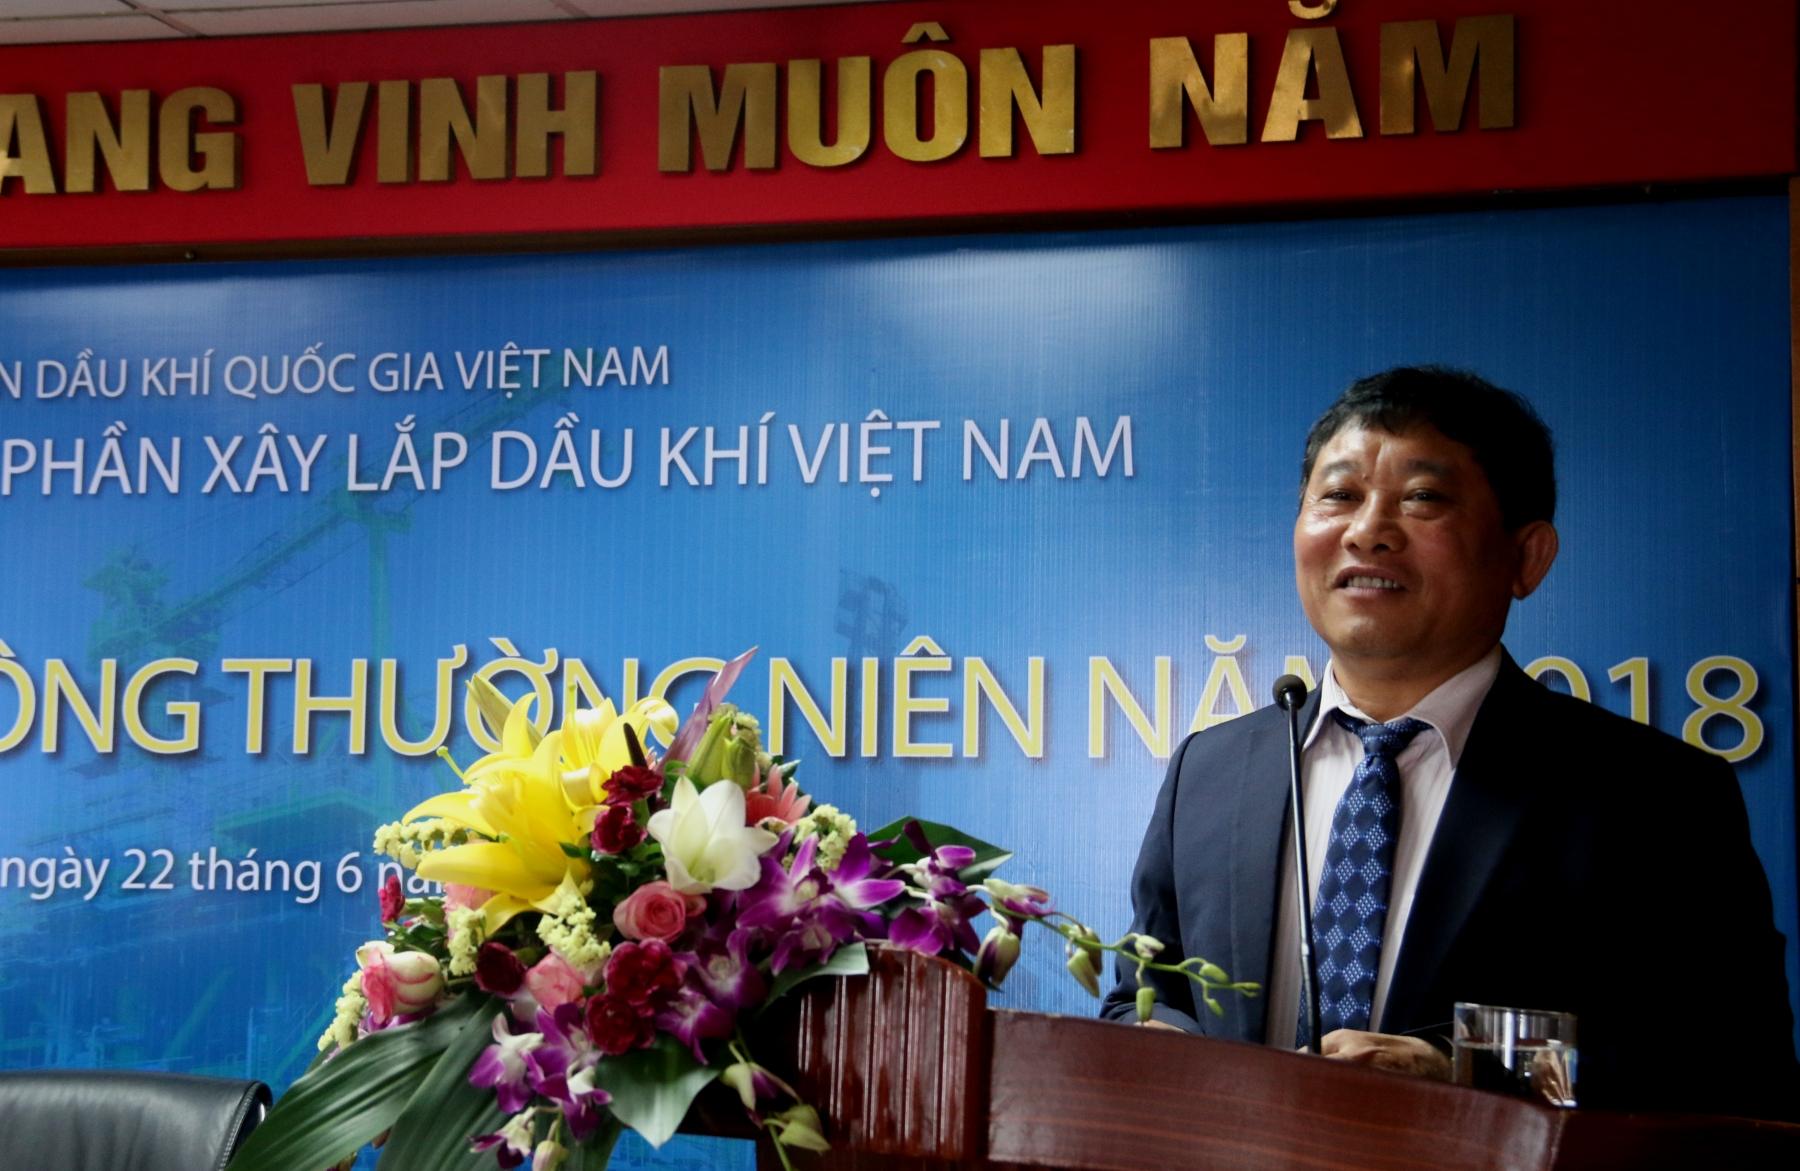 pvc to chuc dai hoi co dong thuong nien 2018